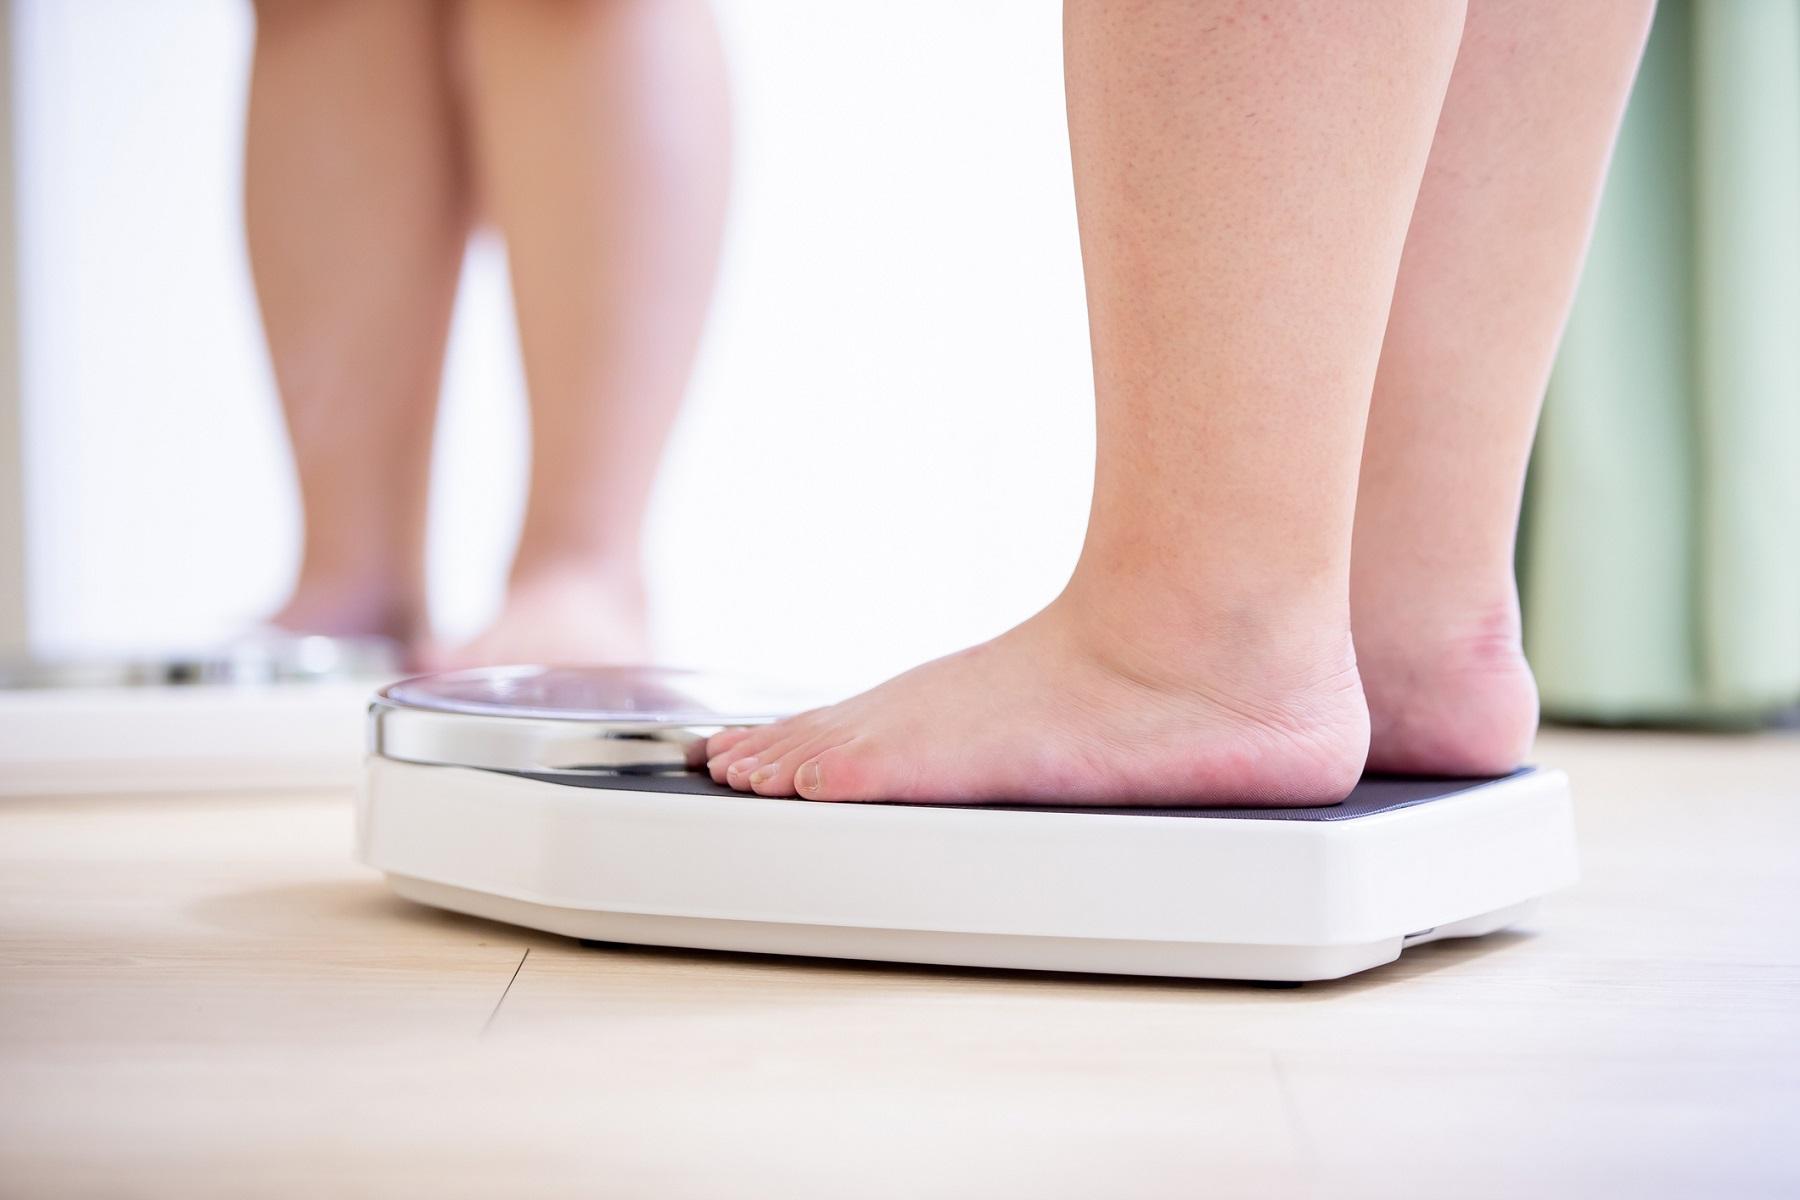 Απώλεια Βάρος: Αυτό που υπάρχει στο έντερό σας μπορεί να κρατά το κλειδί σύμφωνα με έρευνα